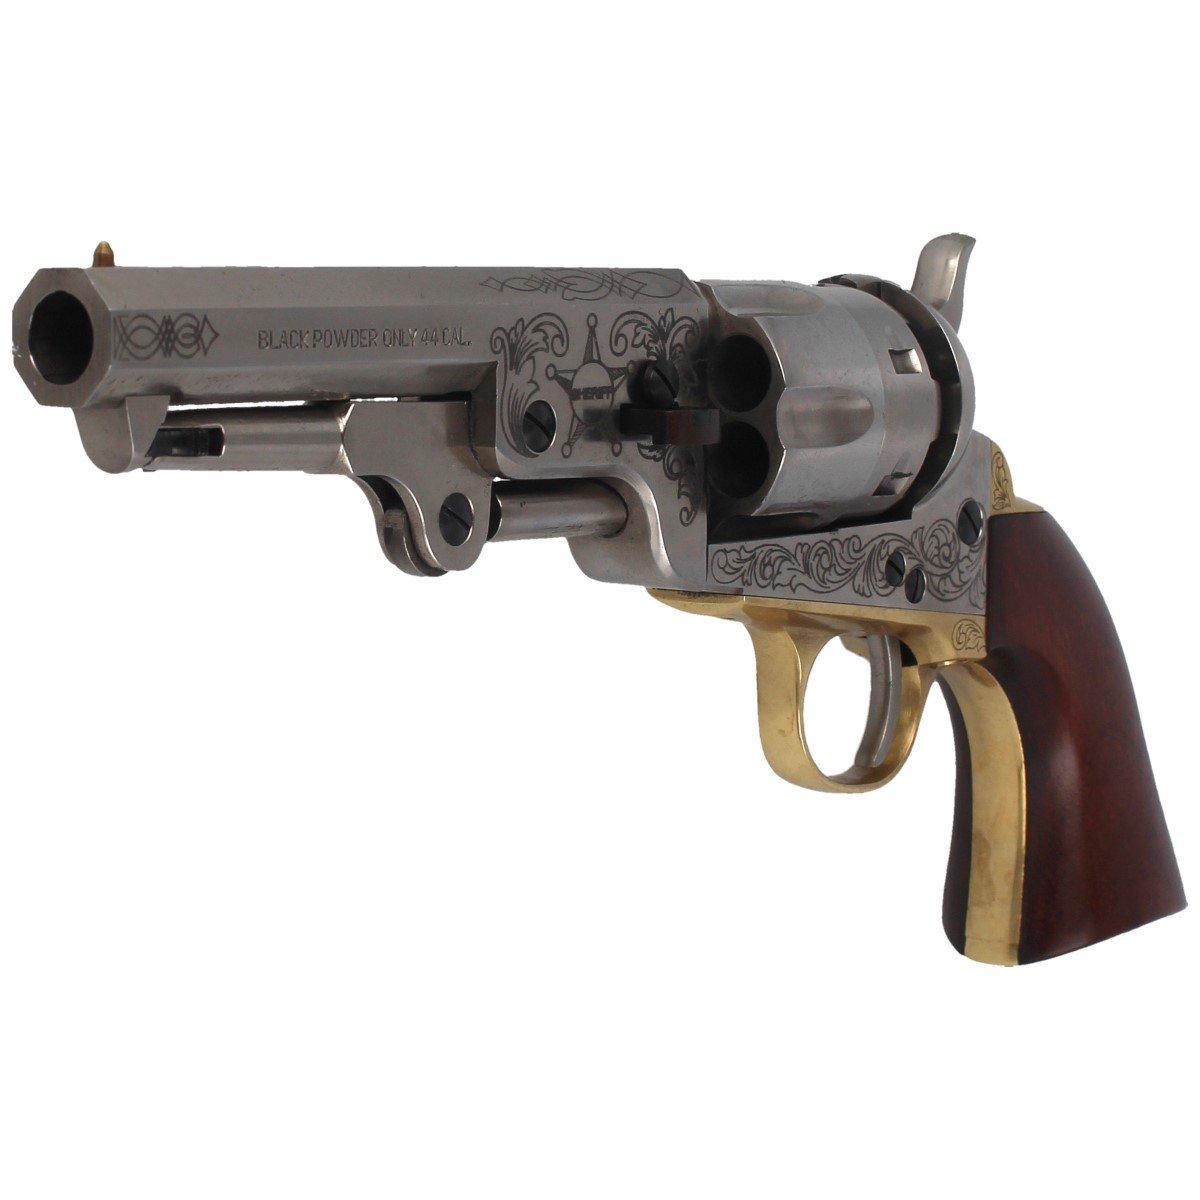 Rewolwer Pietta 1851 Colt Navy Yank Old Model Steel kal .44 (YAOM44)